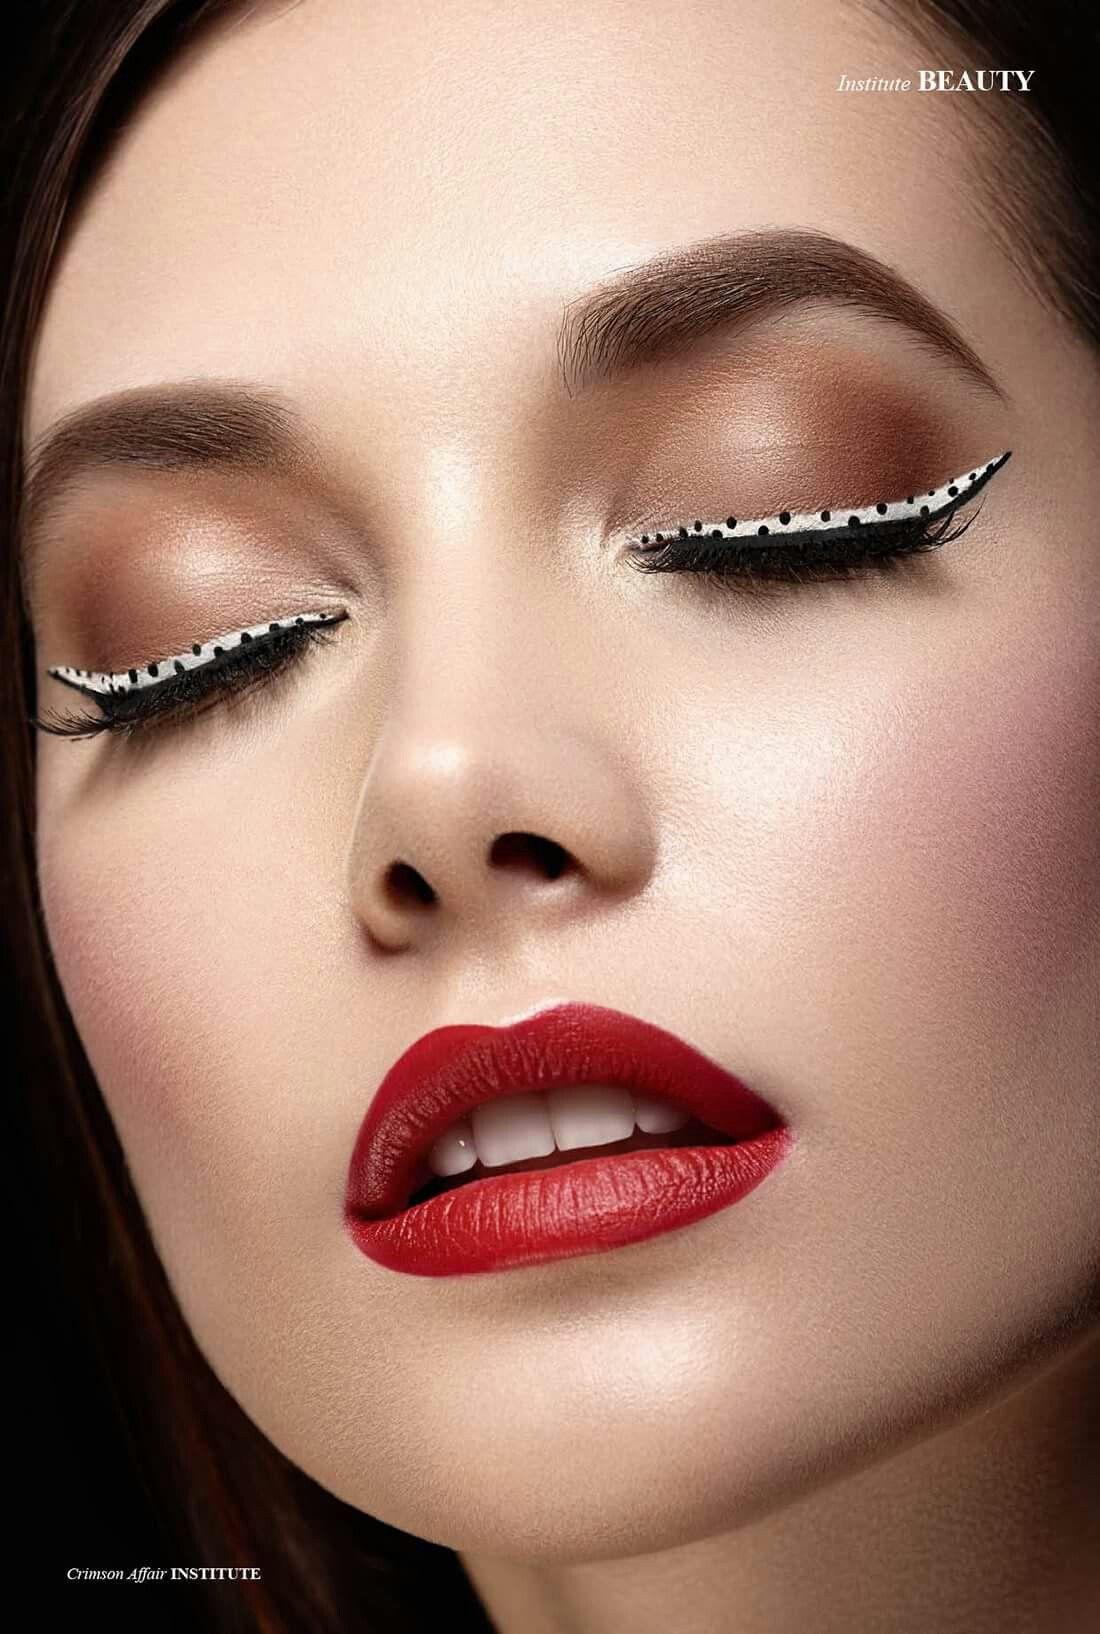 Pin by Carol Lisa Mayton on LOVE MAKE UP!!!! Makeup